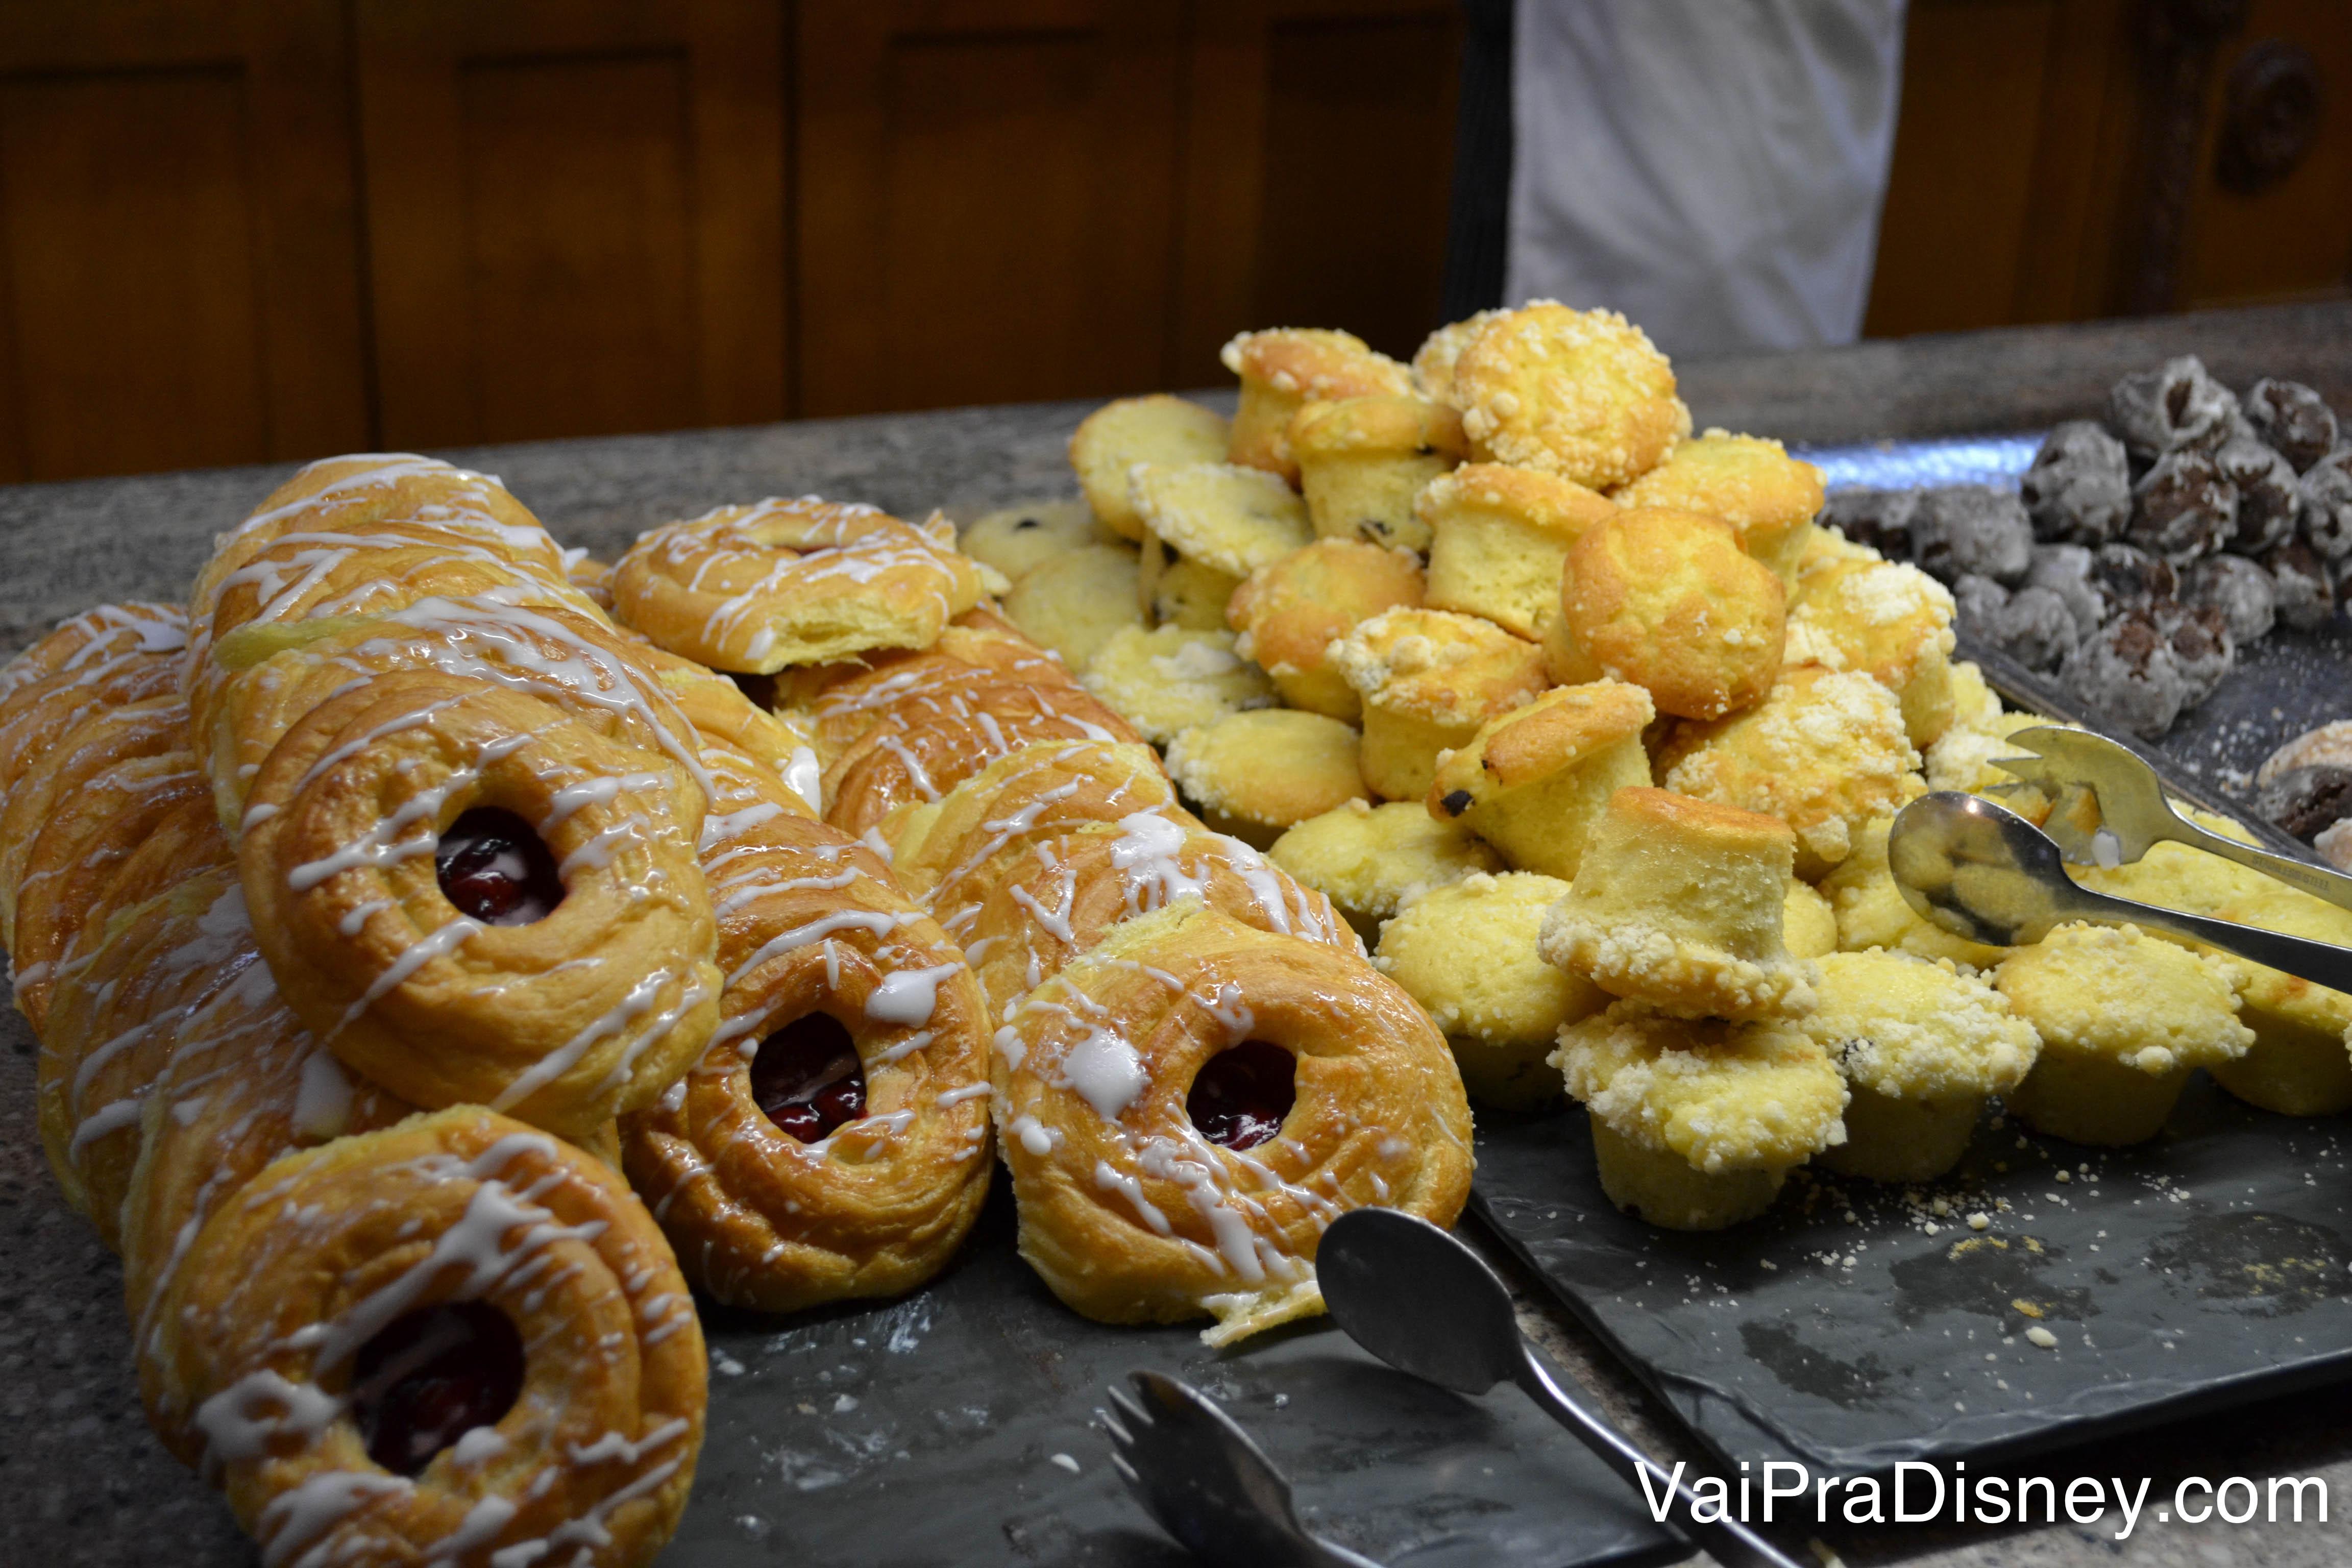 Foto dos pães e bolinhos no buffet do café da manhã no Akershus.